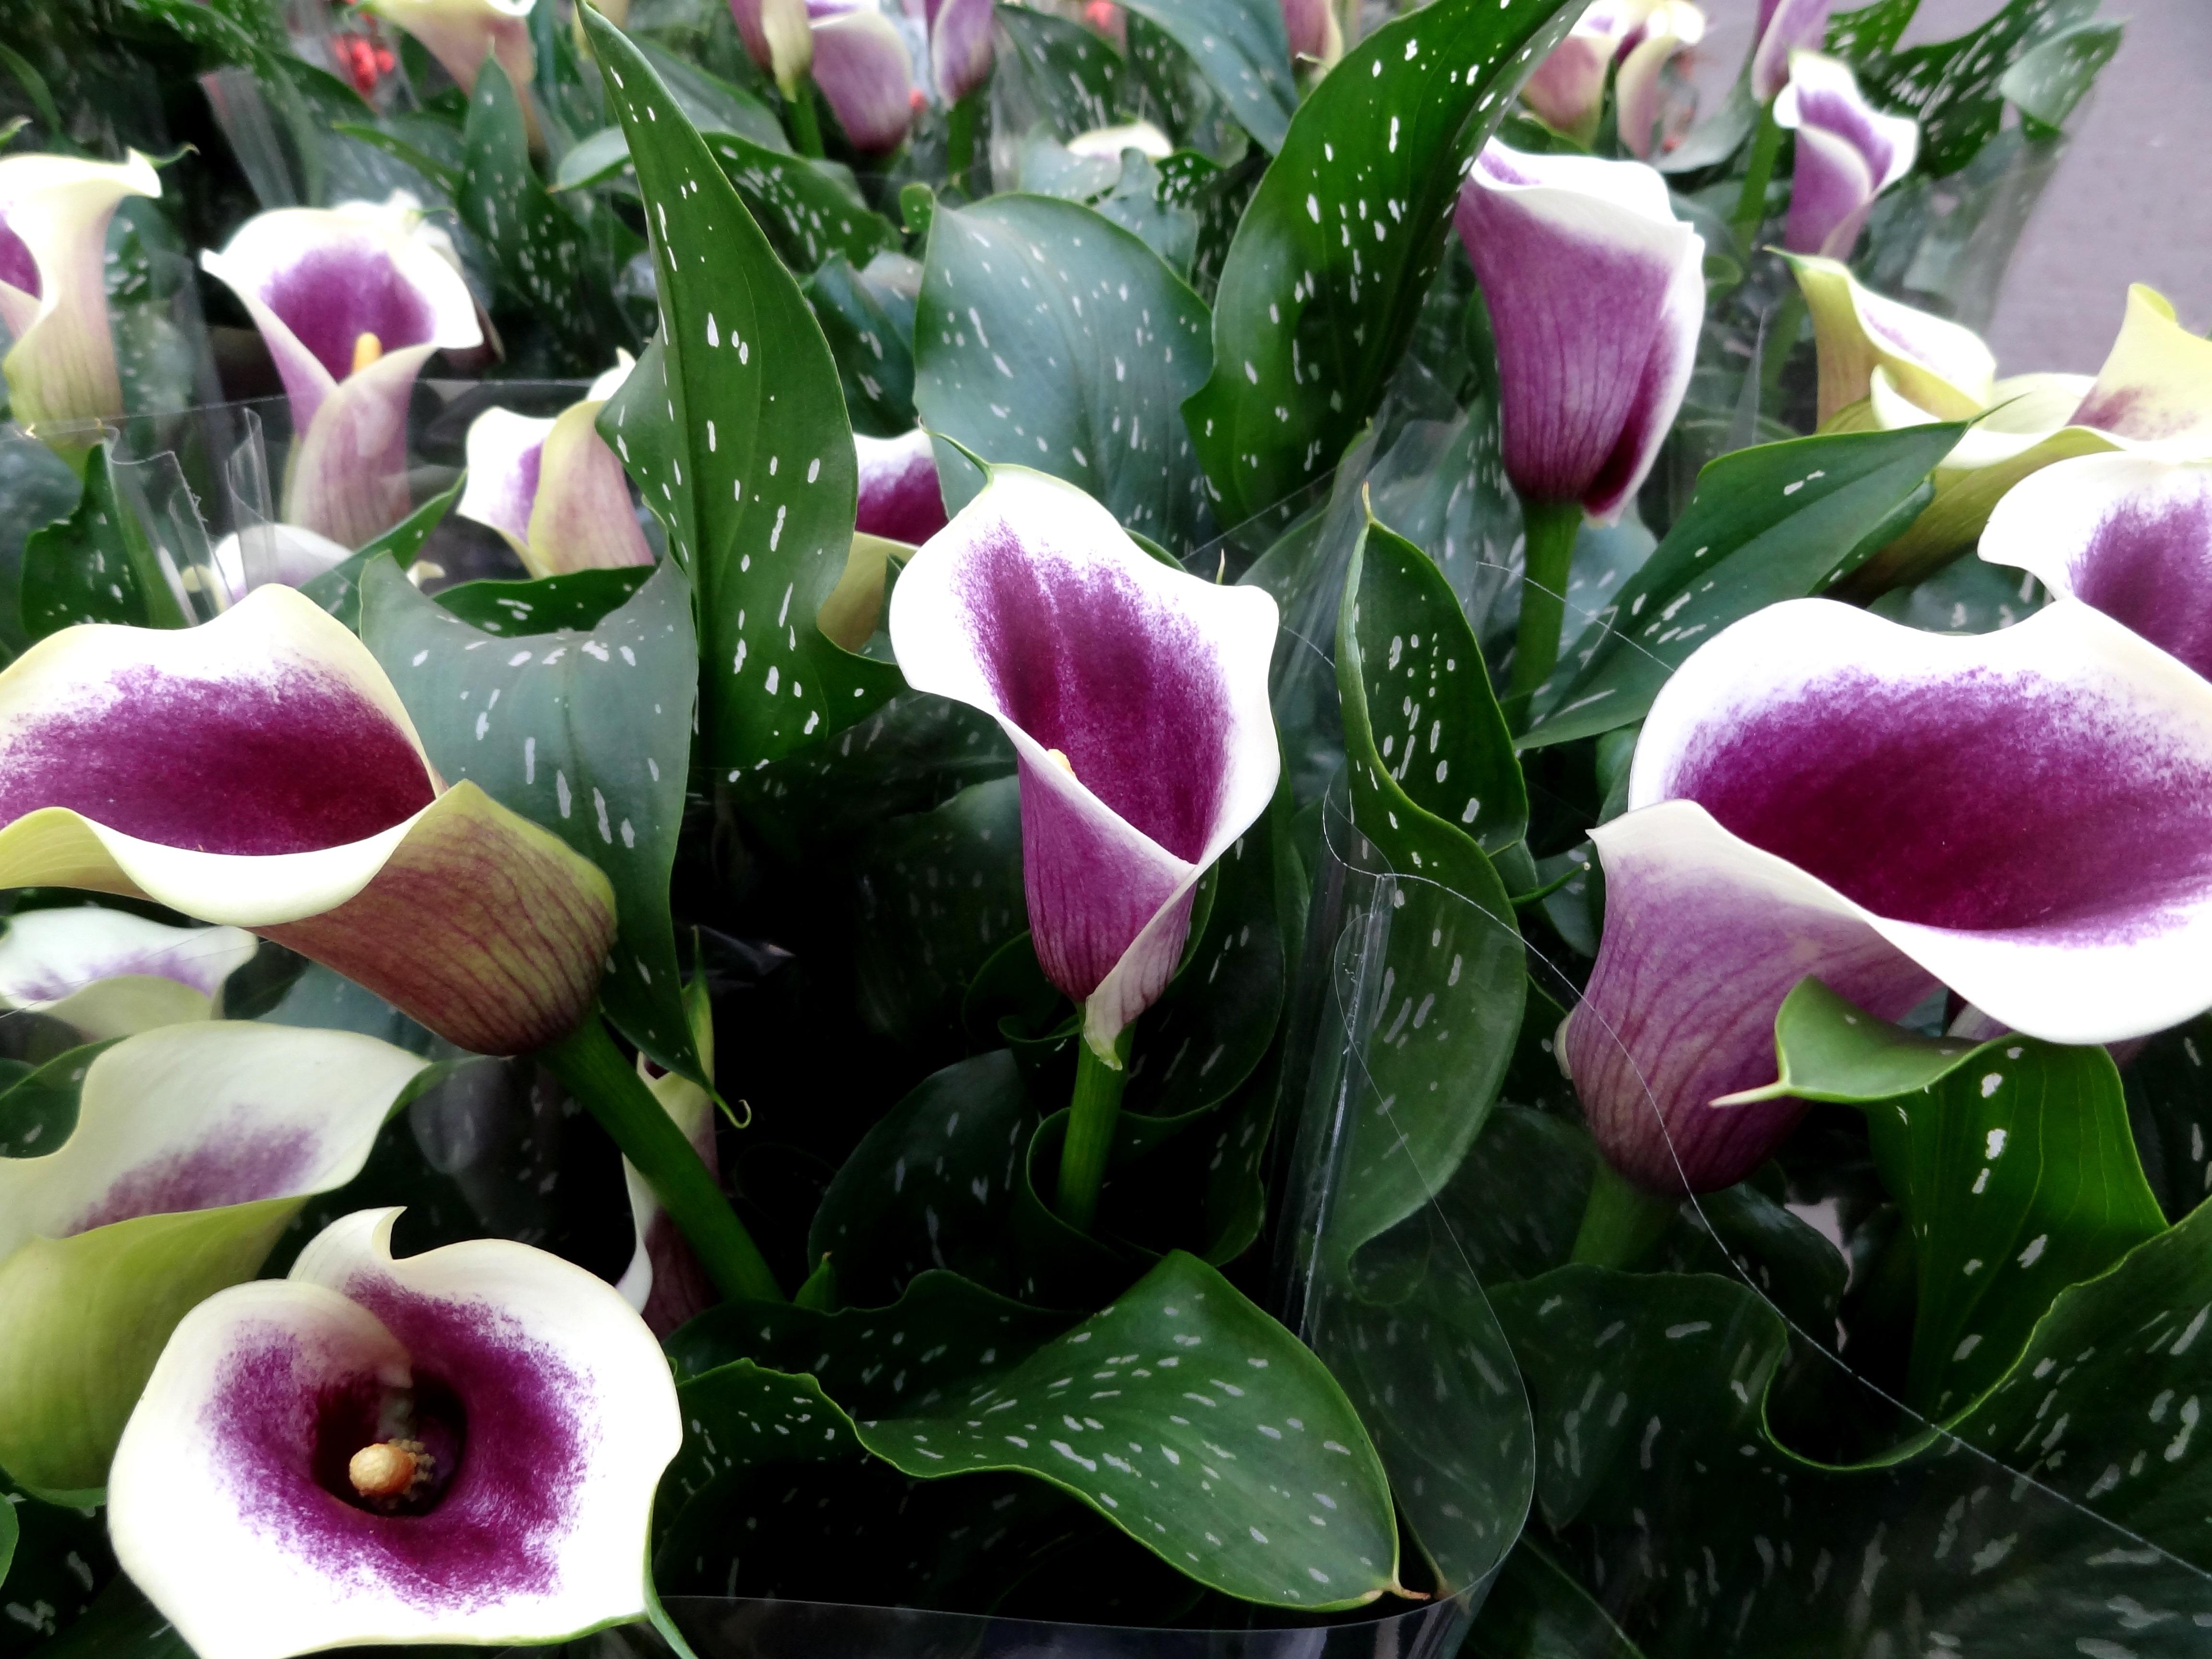 Zimmerpflanzen Die Wenig Wasser Benötigen wenn zimmerpflanzen durstig sind industrieverband agrar